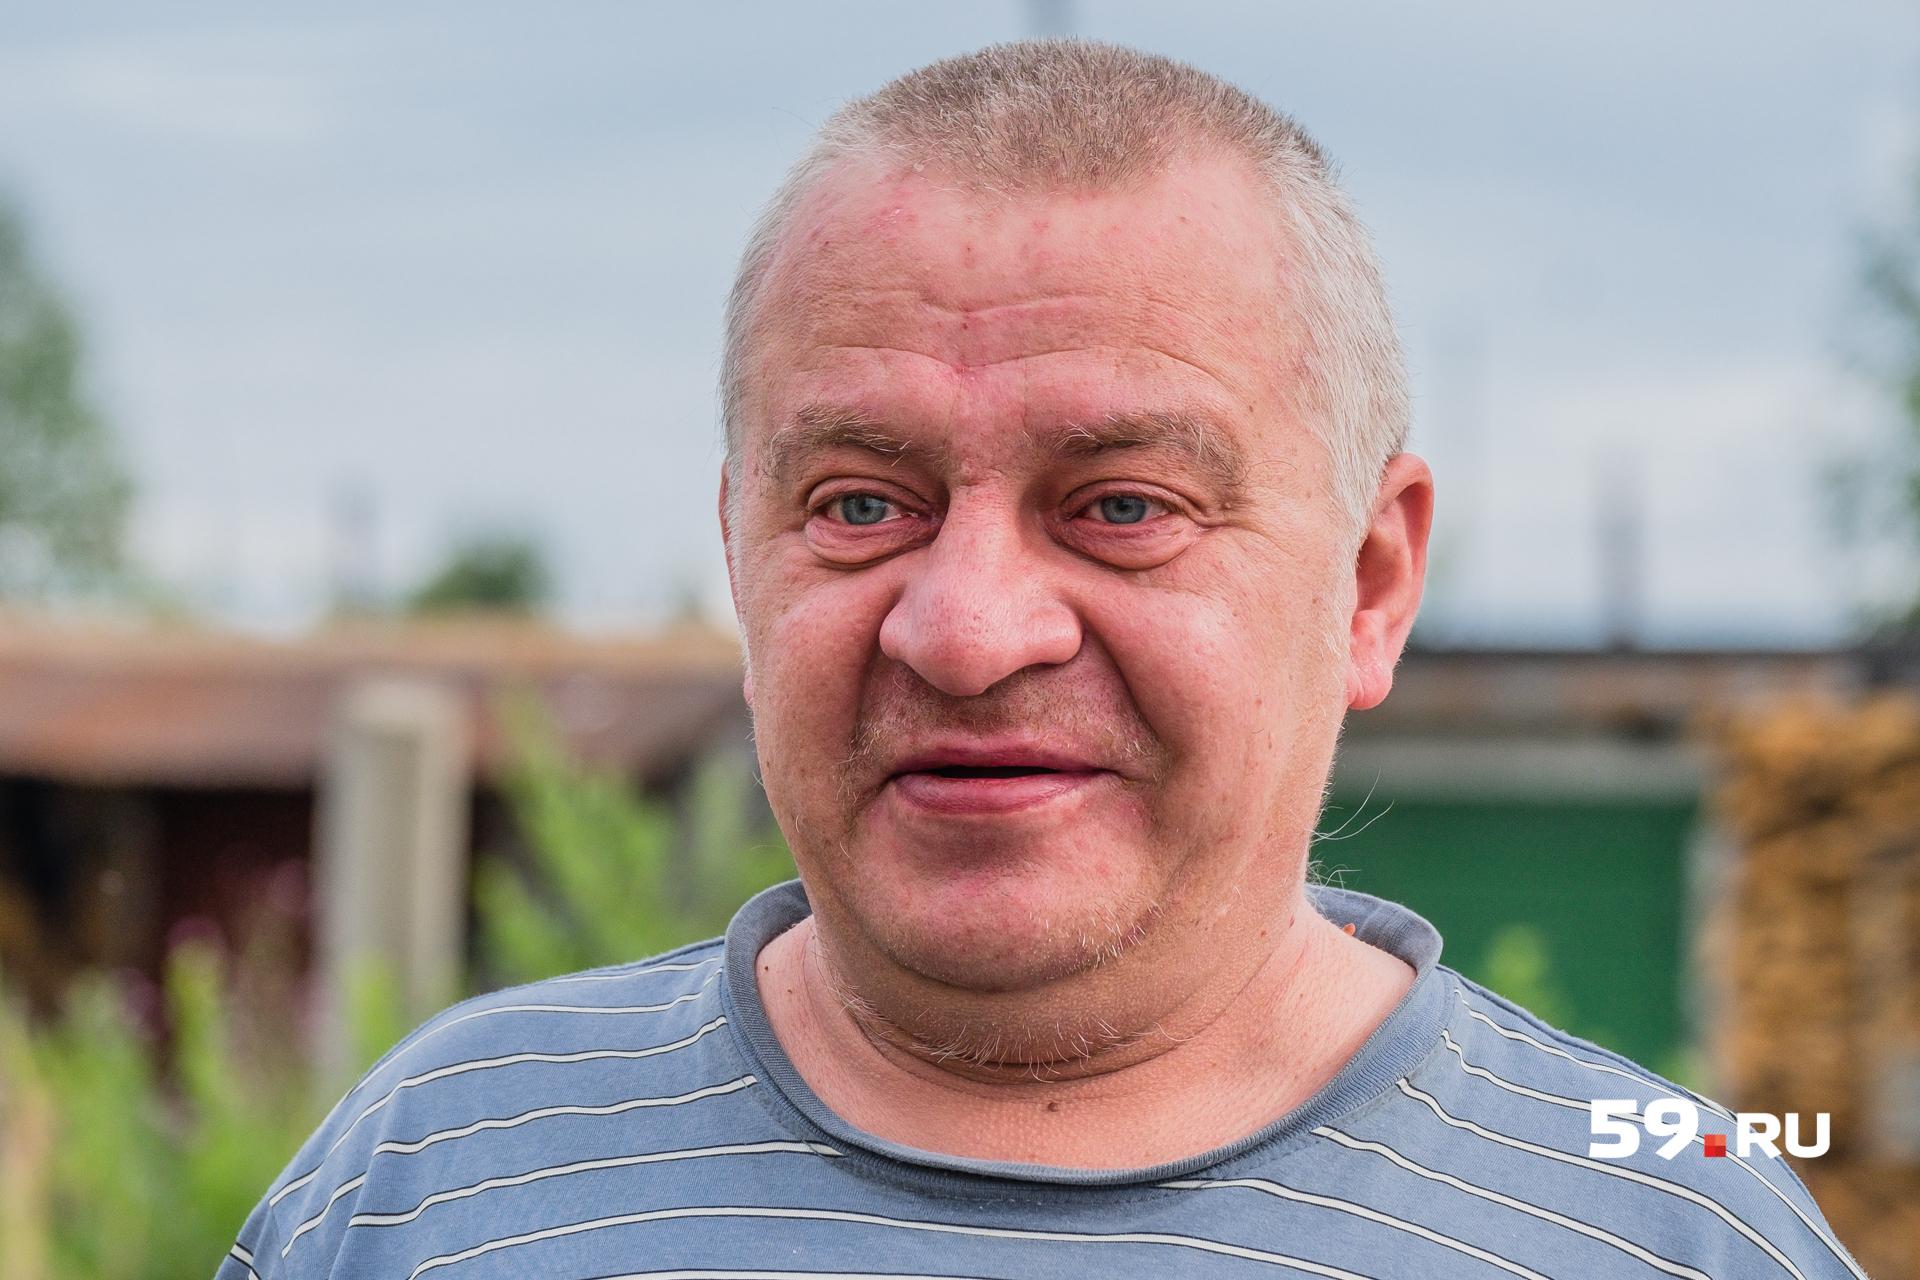 Бывший милиционер Сергей вернулся на свою малую родину